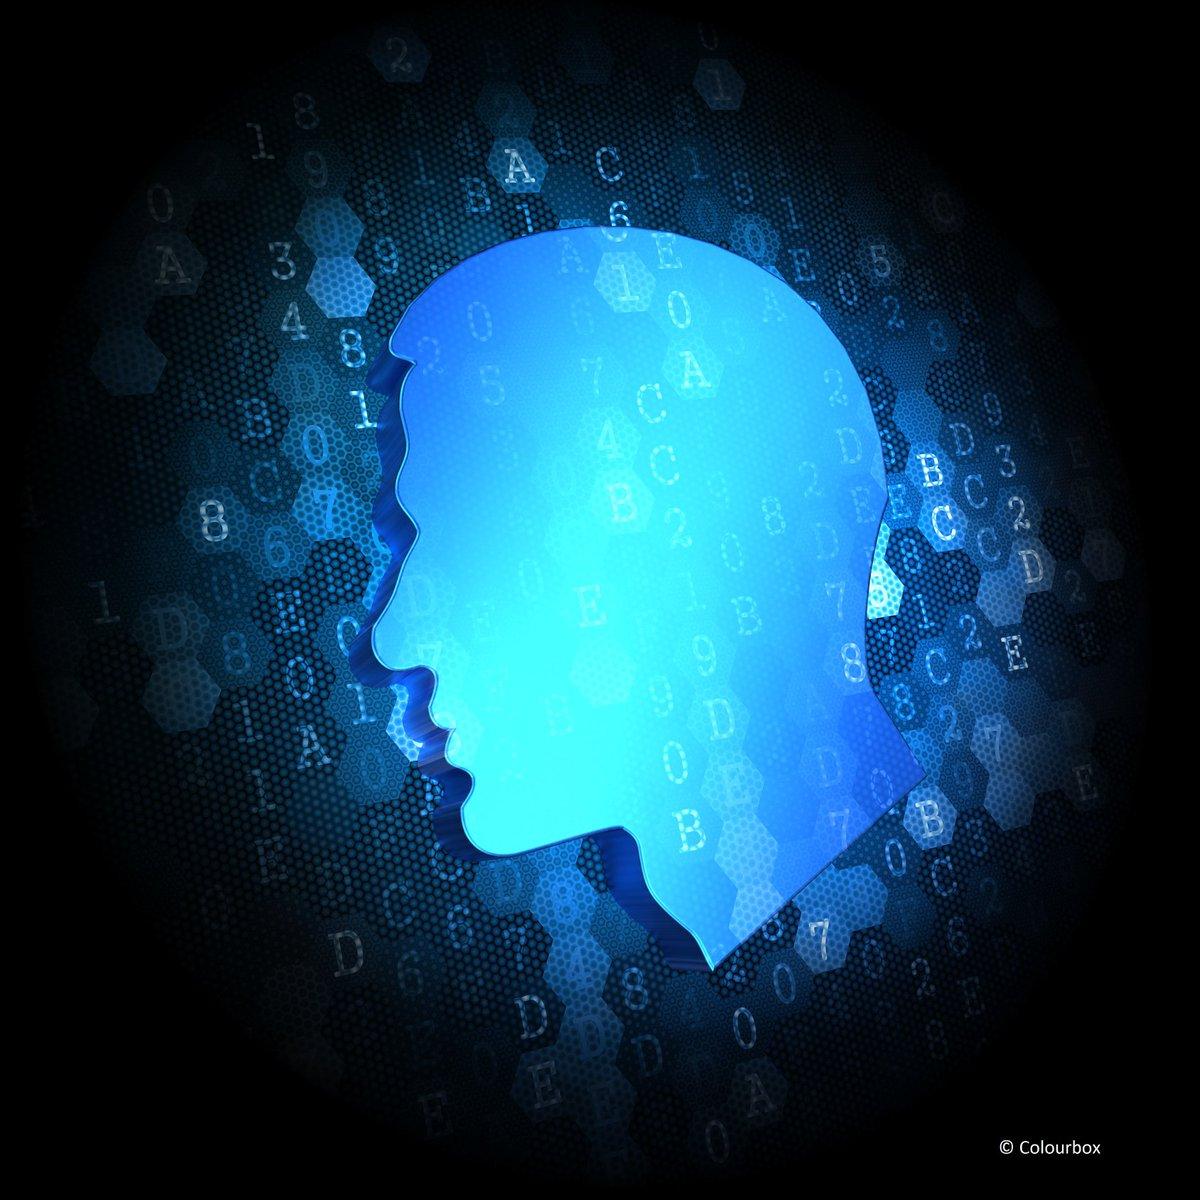 """У рамках головування  в Раді ЄС Німецька служба академічних обмінів DAAD запрошує на віртуальну конференцію """"Moving target digitalisation: rethinking global exchange in higher education"""" 5-6.10. Термін надсилання виступів/матеріалів-до 16.08.2020:  https://t1p.de/4zyhpic.twitter.com/J9oq6BRQ9a"""